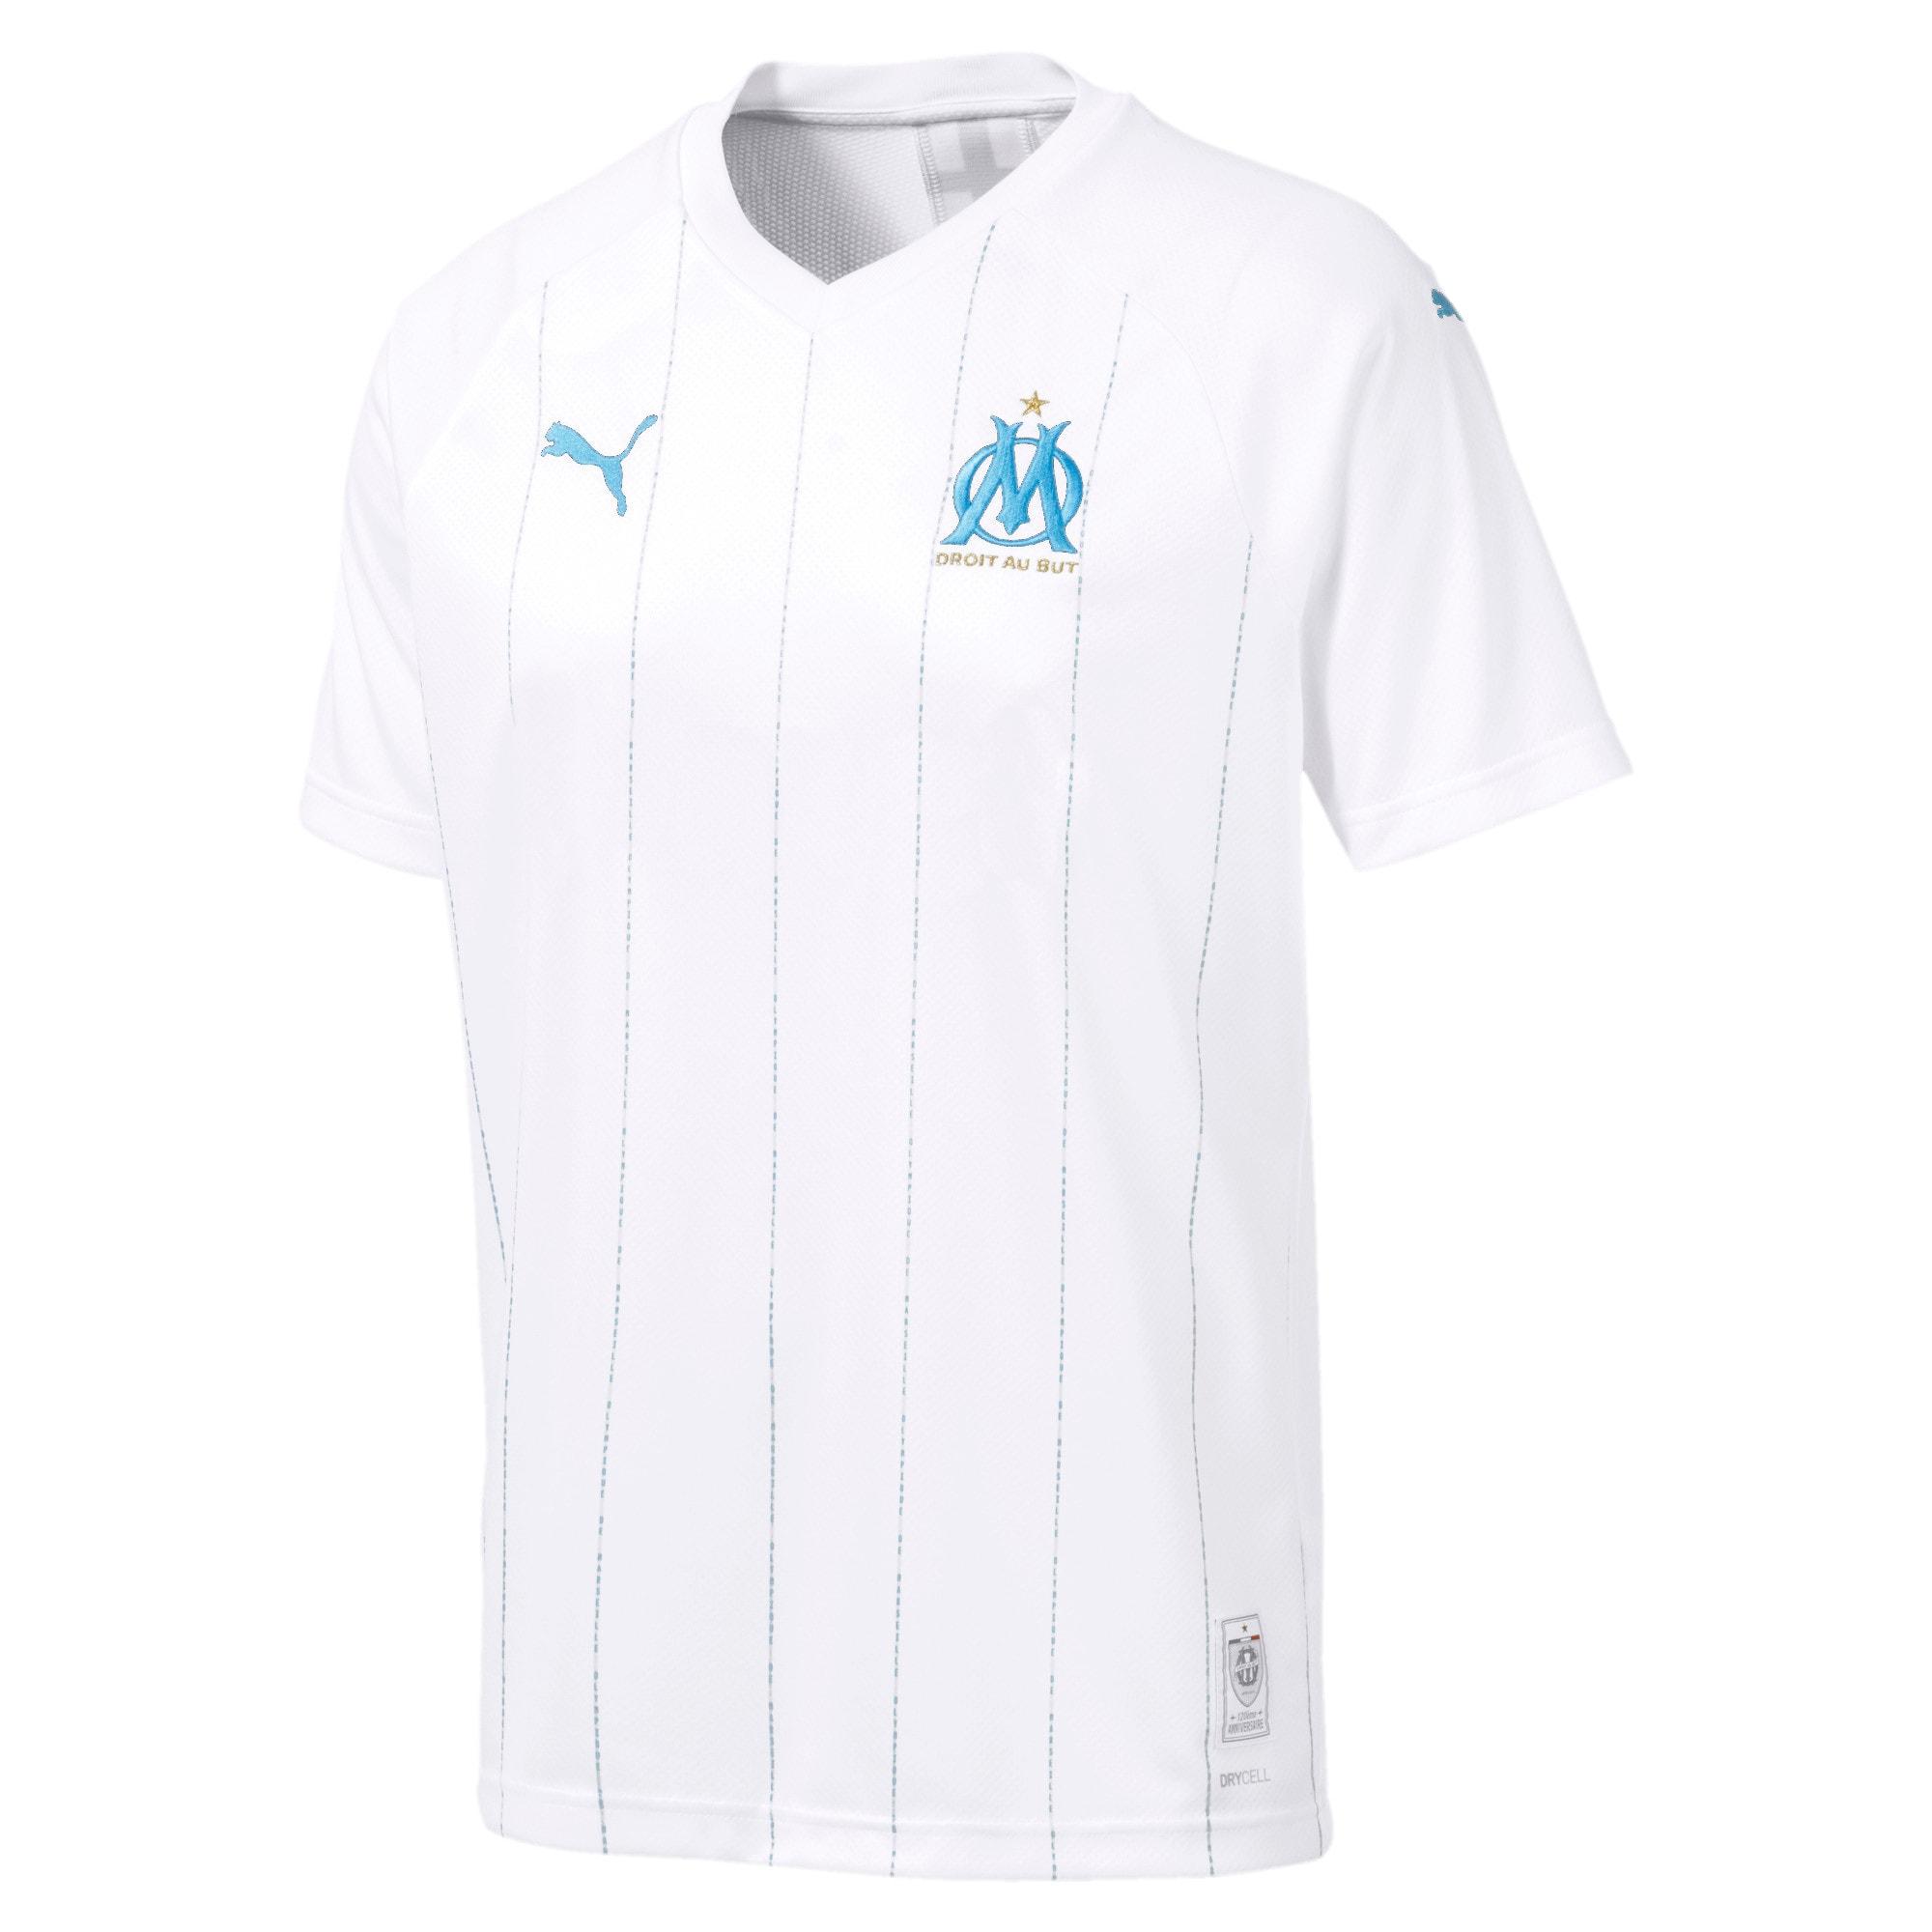 Thumbnail 1 of Maillot Domicile Olympique de Marseille Replica pour homme, Puma White-Bleu Azur, medium